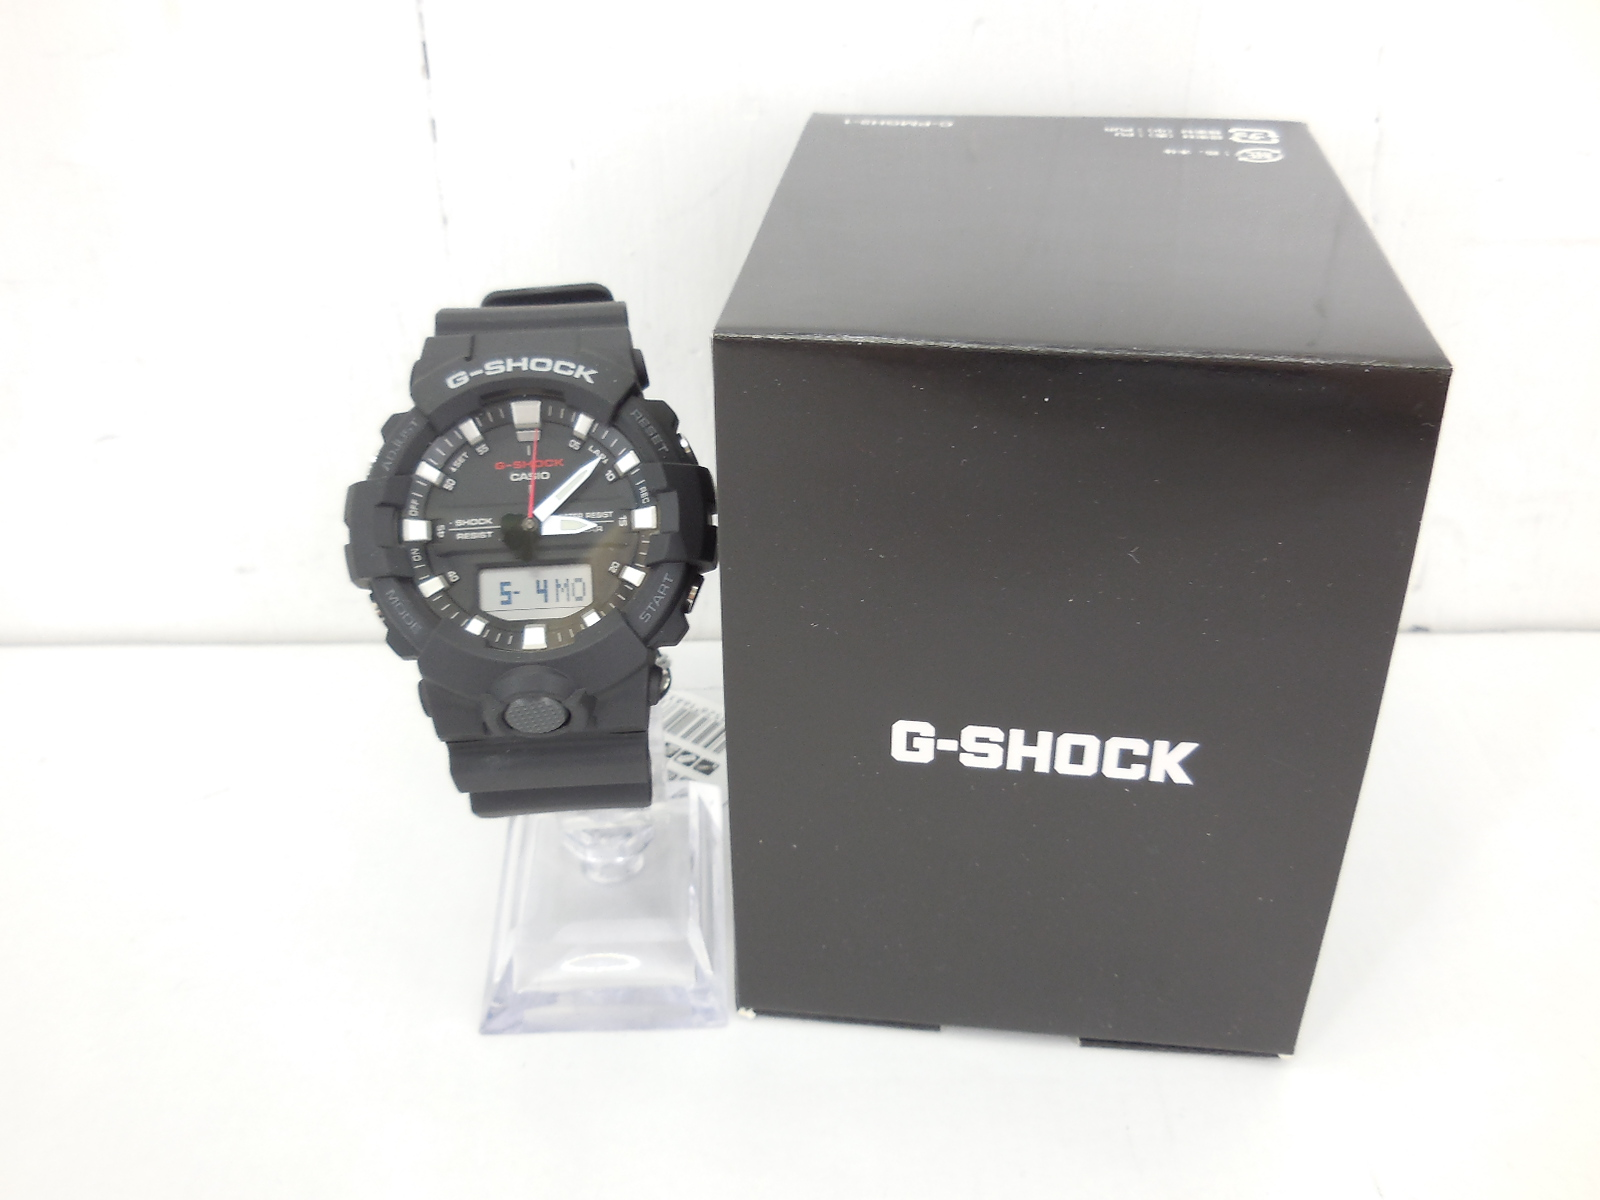 G-SHOCK GA-800-1AJF ジーショック デジタル・アナログ ブラック 時計 ウォッチ